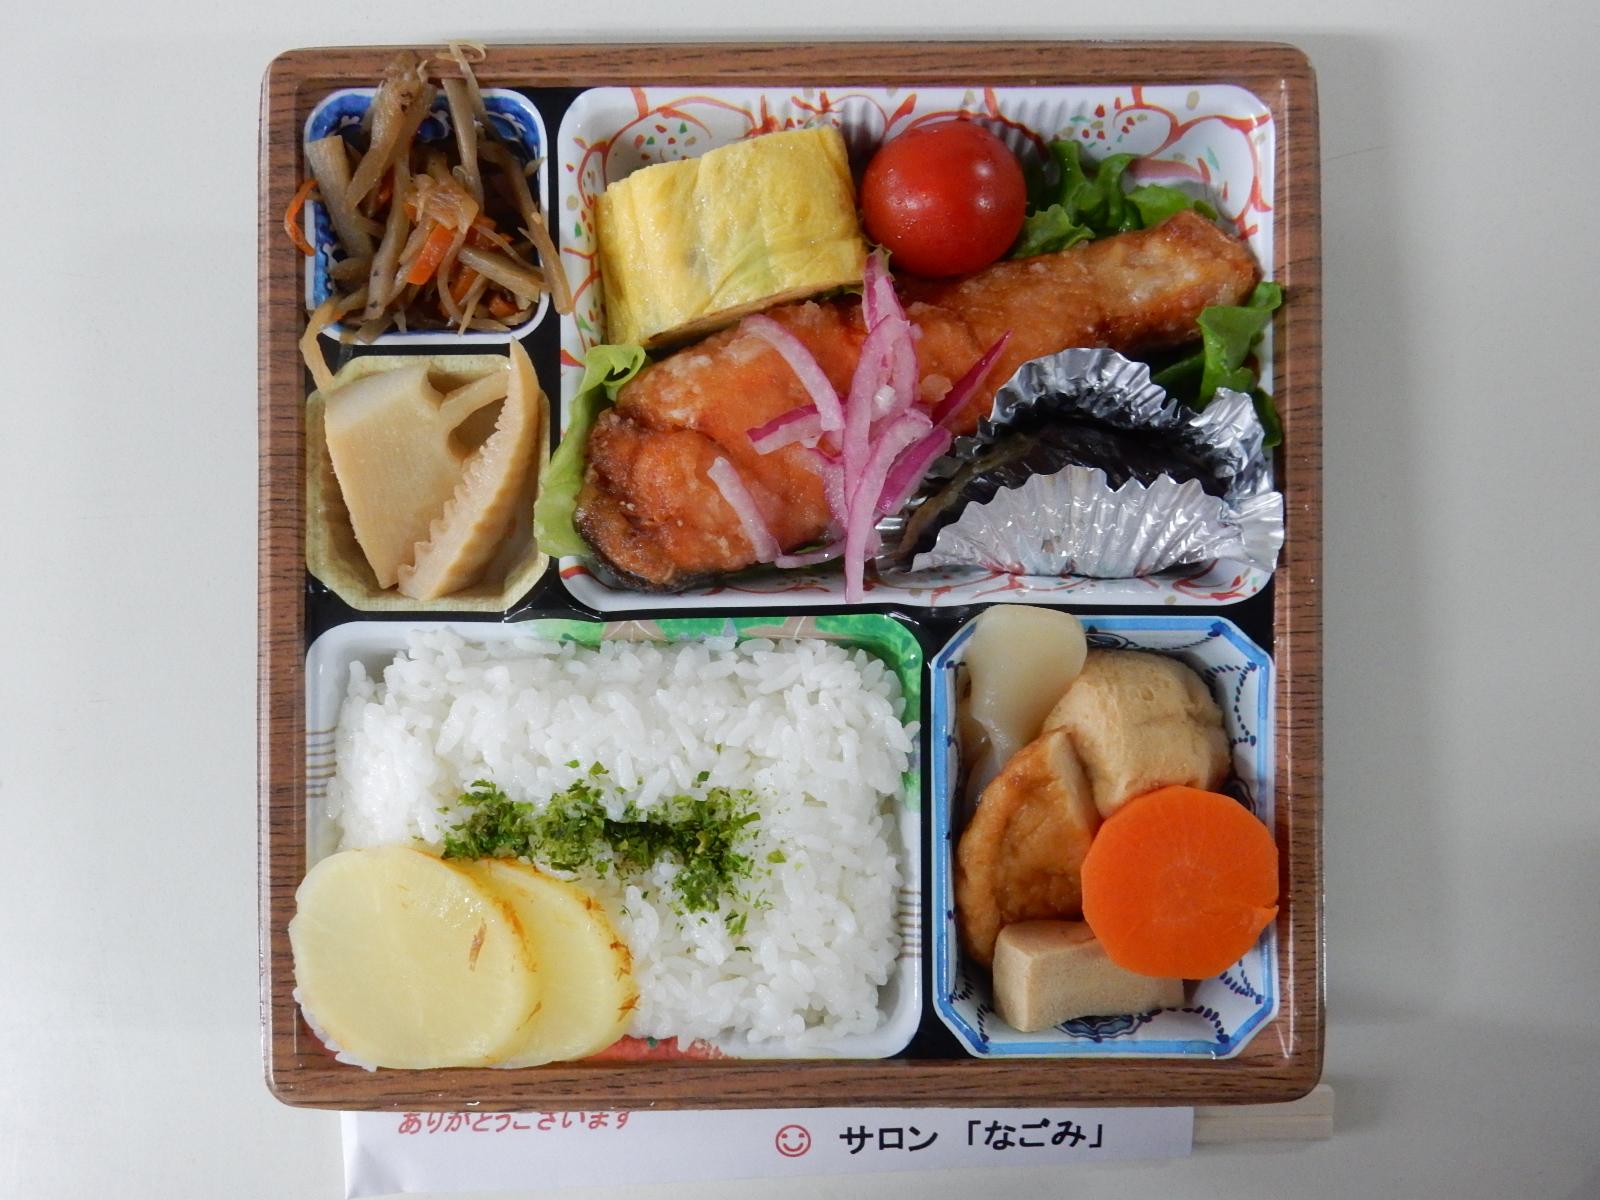 「サロンなごみ」本日の日替わり特別メニュー!(4/30)